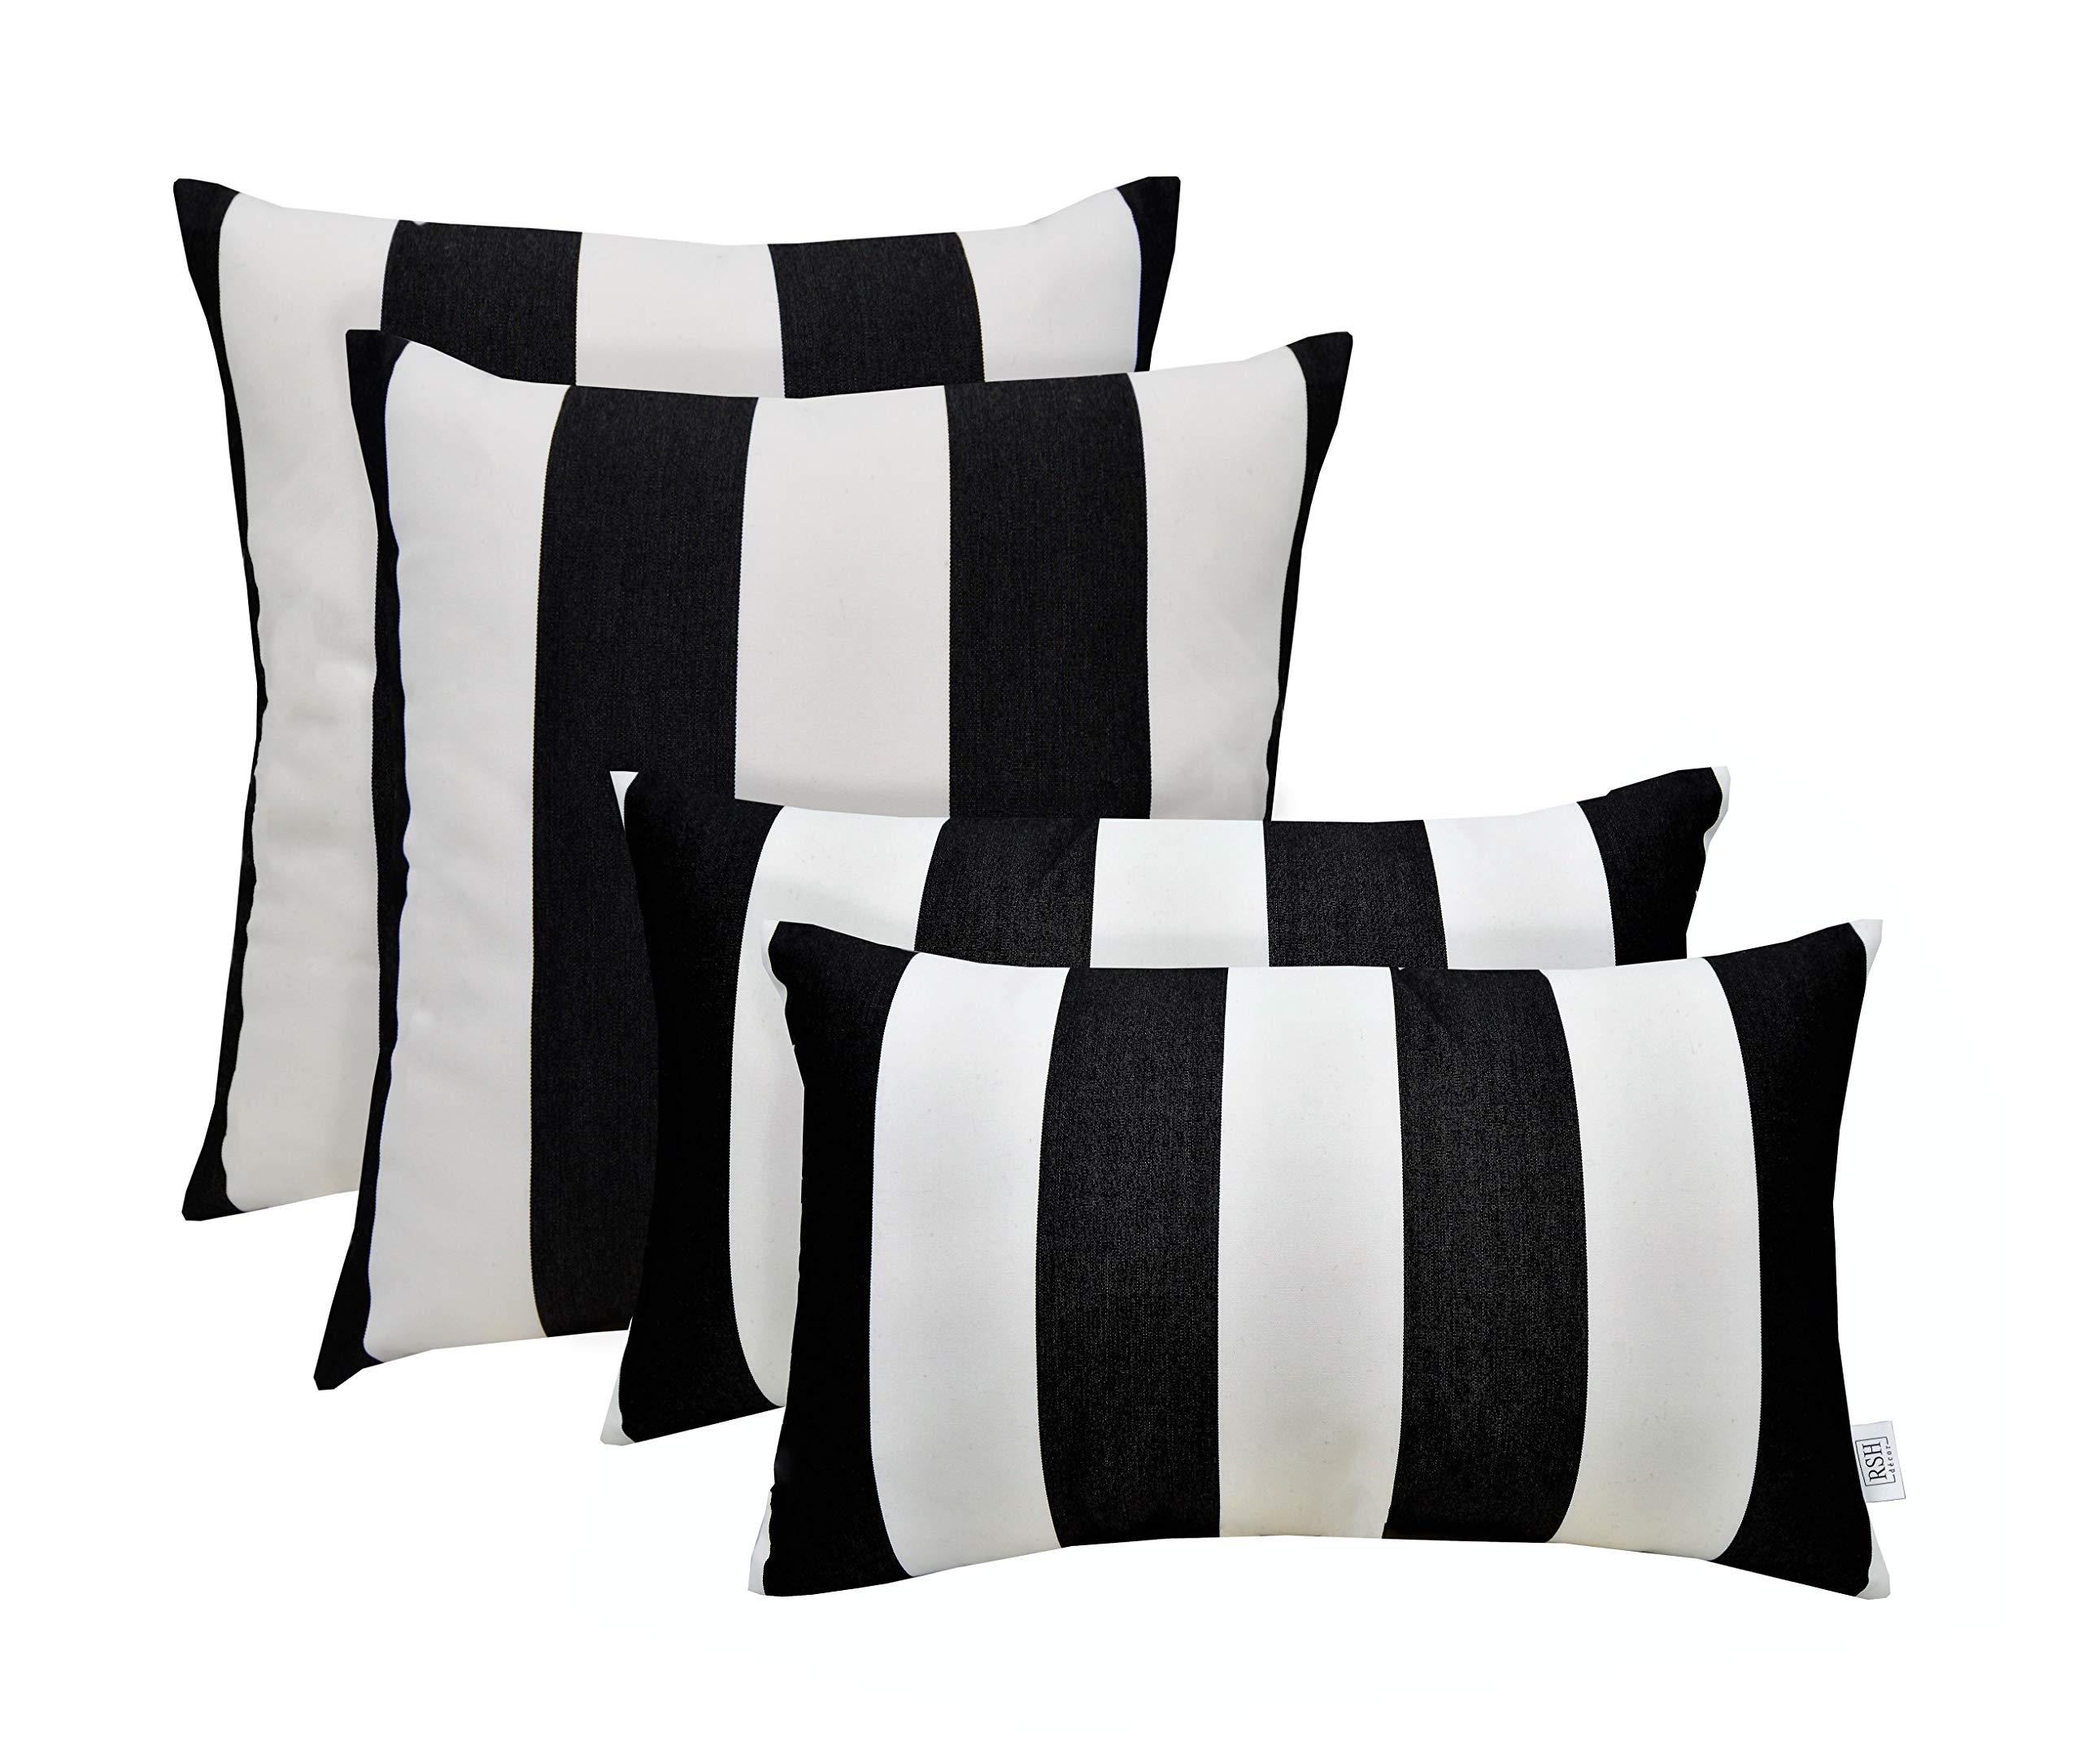 RSH Décor Set of 4 Indoor/Outdoor Square & Rectangle Lumbar Throw Pillows Made of Sunbrella Cabana Classic (20'' x 12'' & 20'' x 20'')